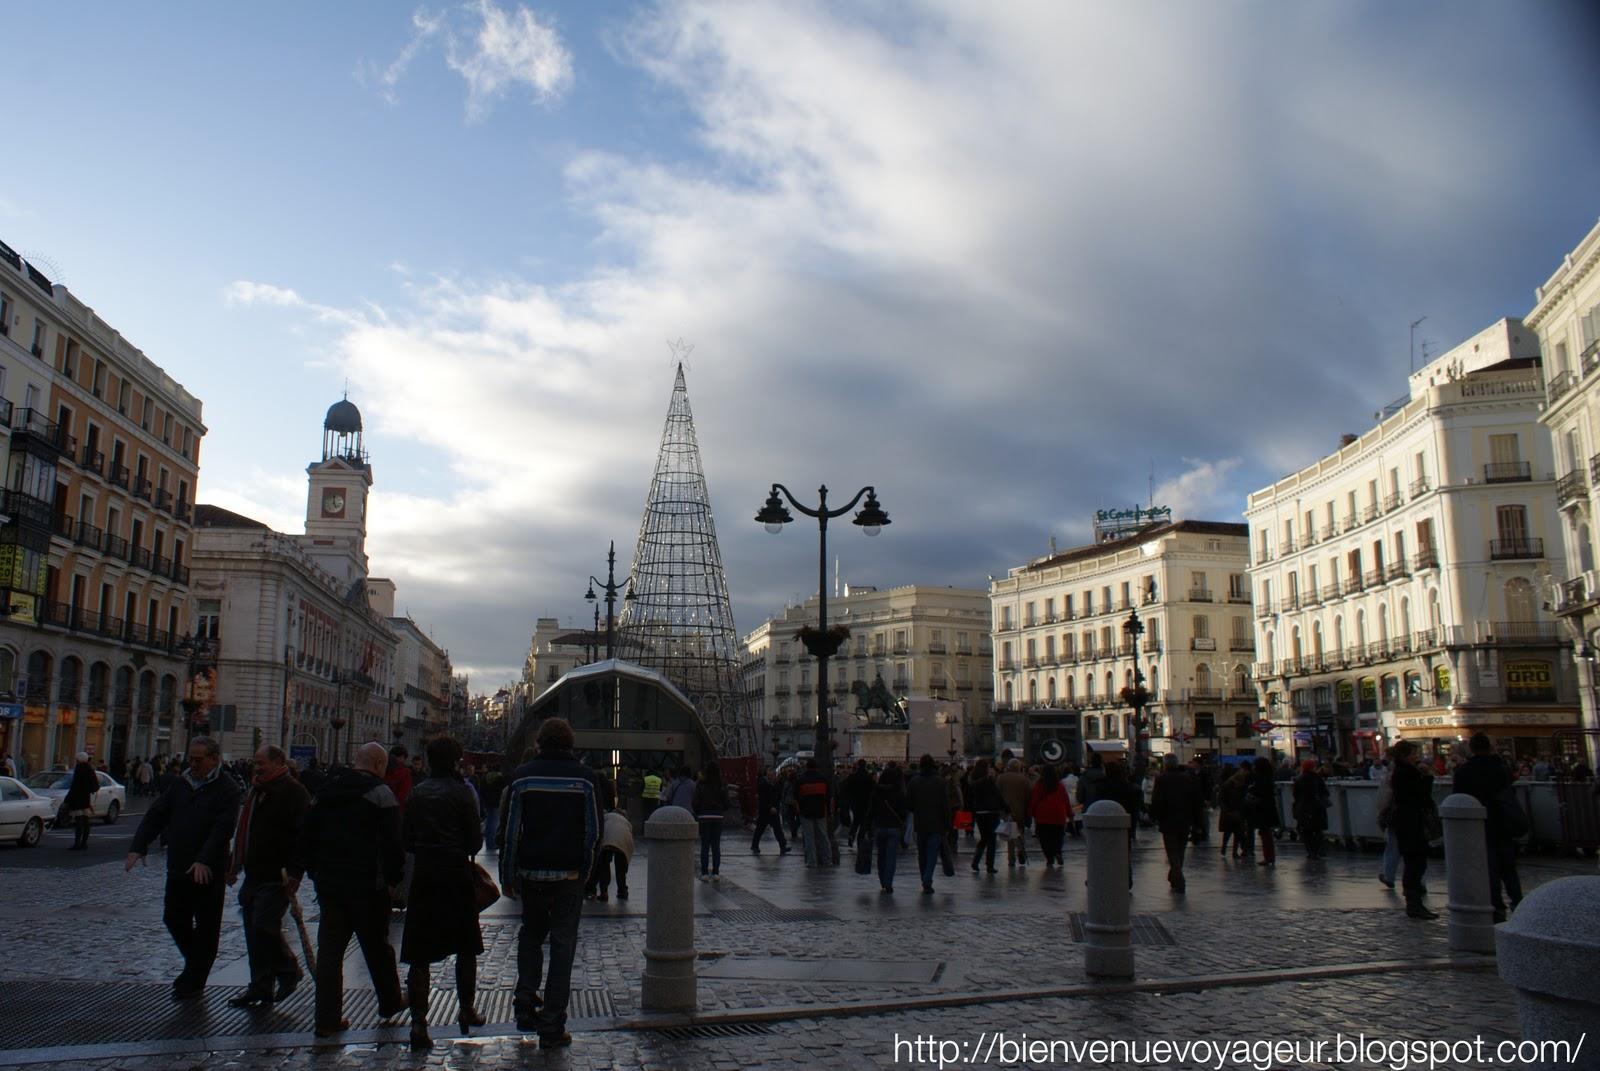 Bienvenue voyageur fin de a o en la puerta del sol madrid for Puerta del sol 9 madrid